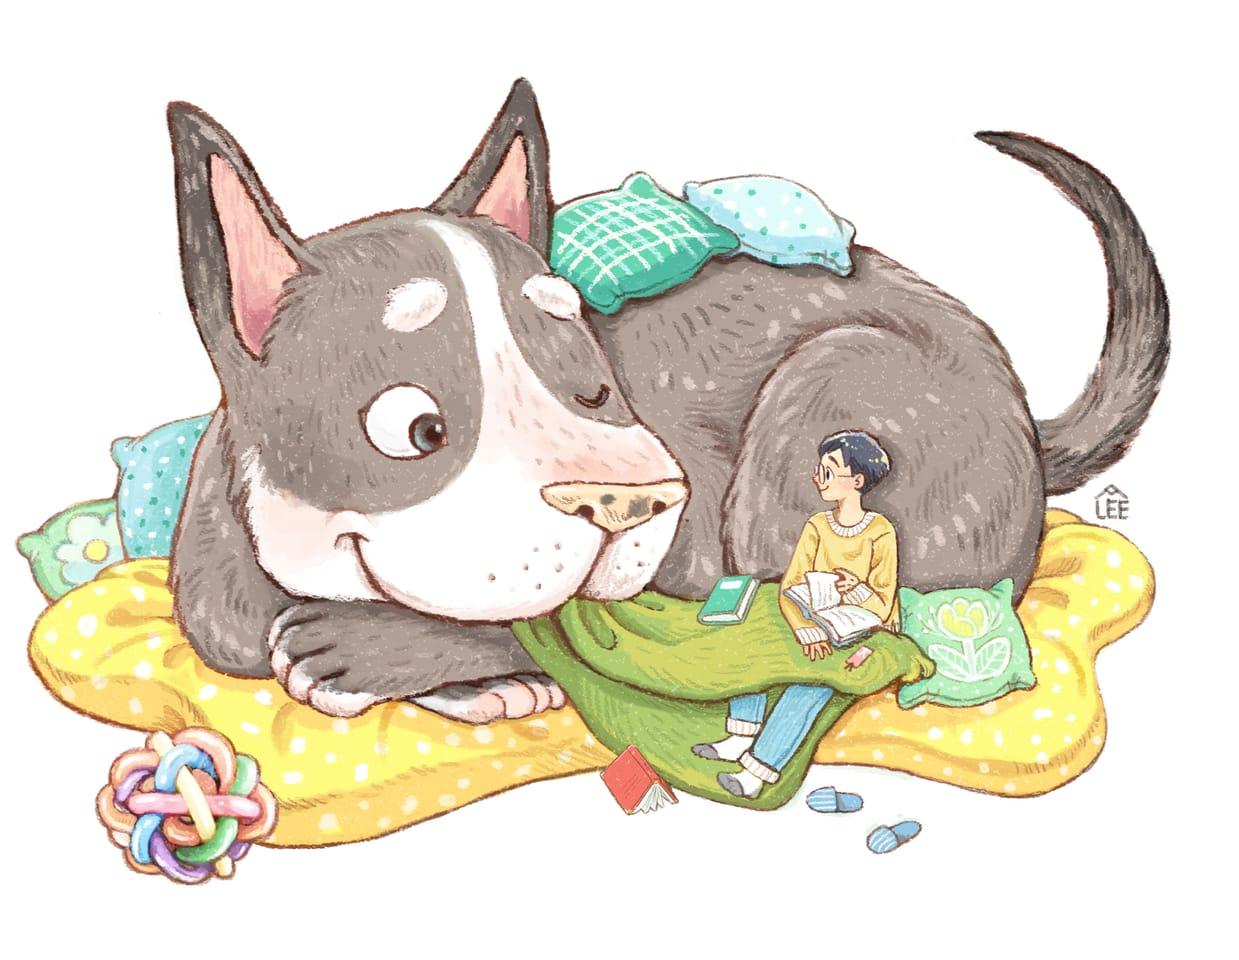 主人和狗 Illust of Charmaine Lee 主人公 1hDrawingChallenge animal illustrations love illustration dog pet life cute